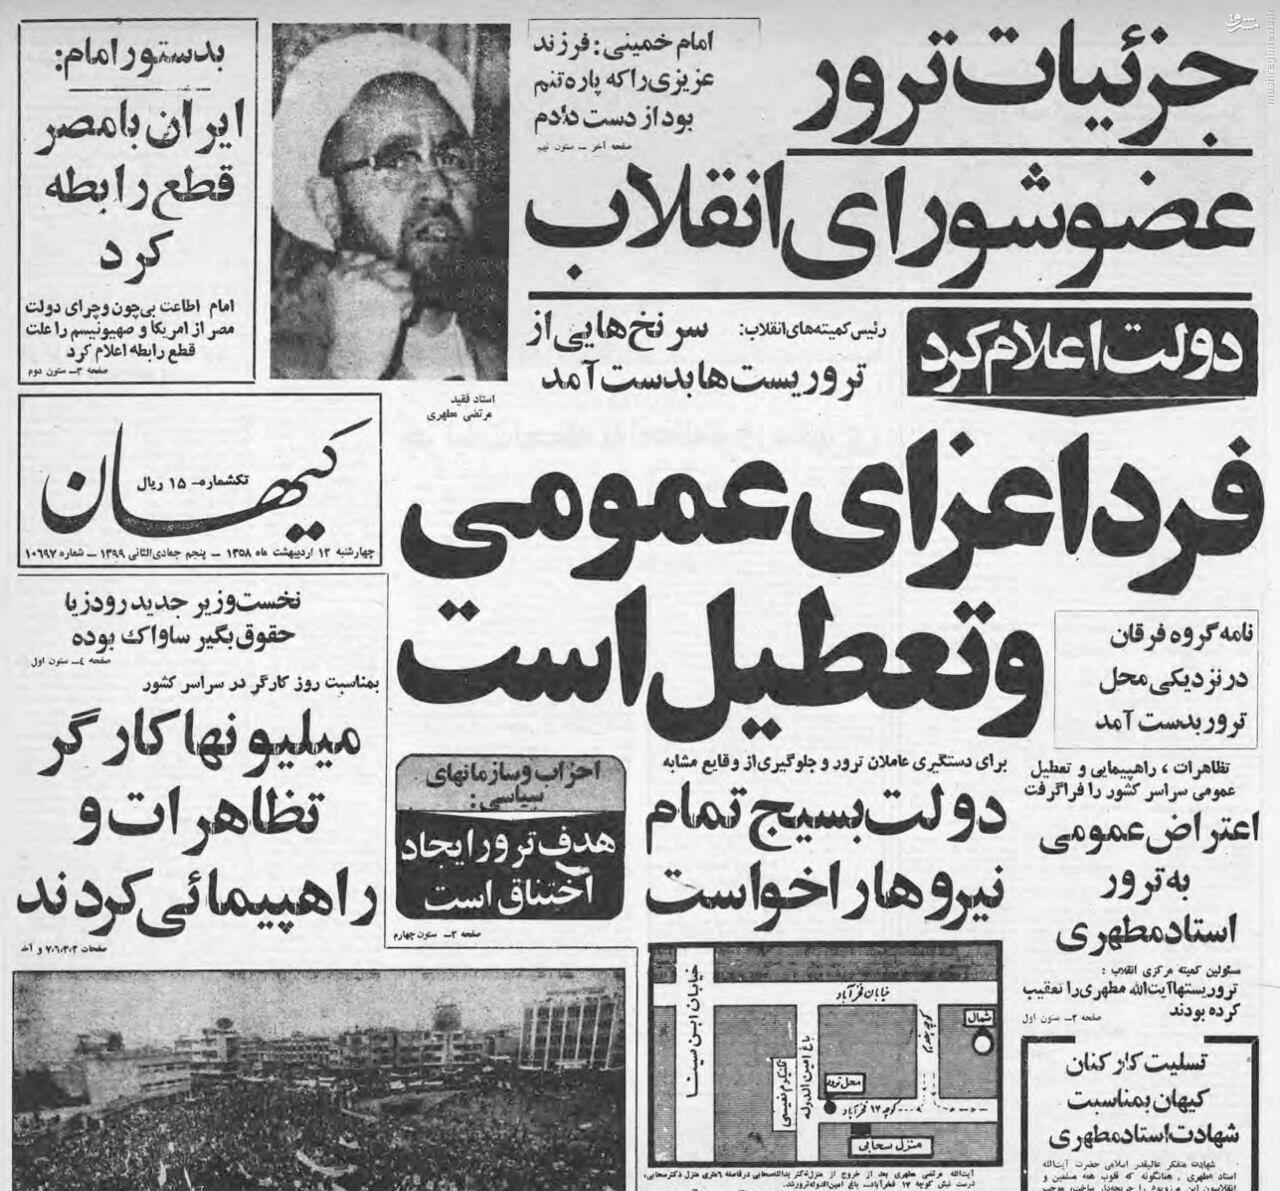 عکس/ خبر کیهان از جزئیات ترور عضو شورای انقلاب